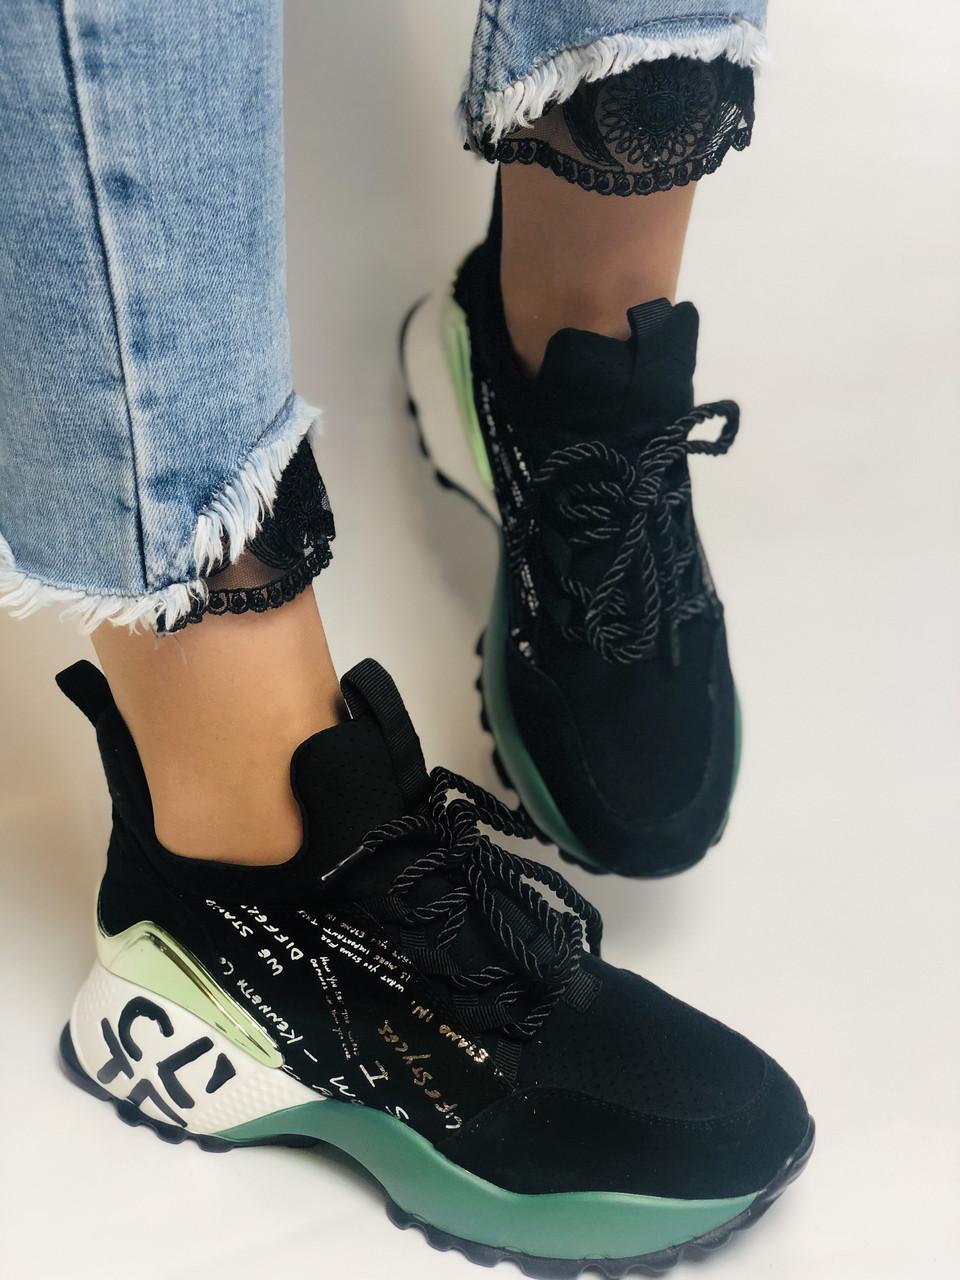 Женские кроссовки из натуральной кожи в комбинации с текстилем. Черные. Размер 36.37, 38, 39